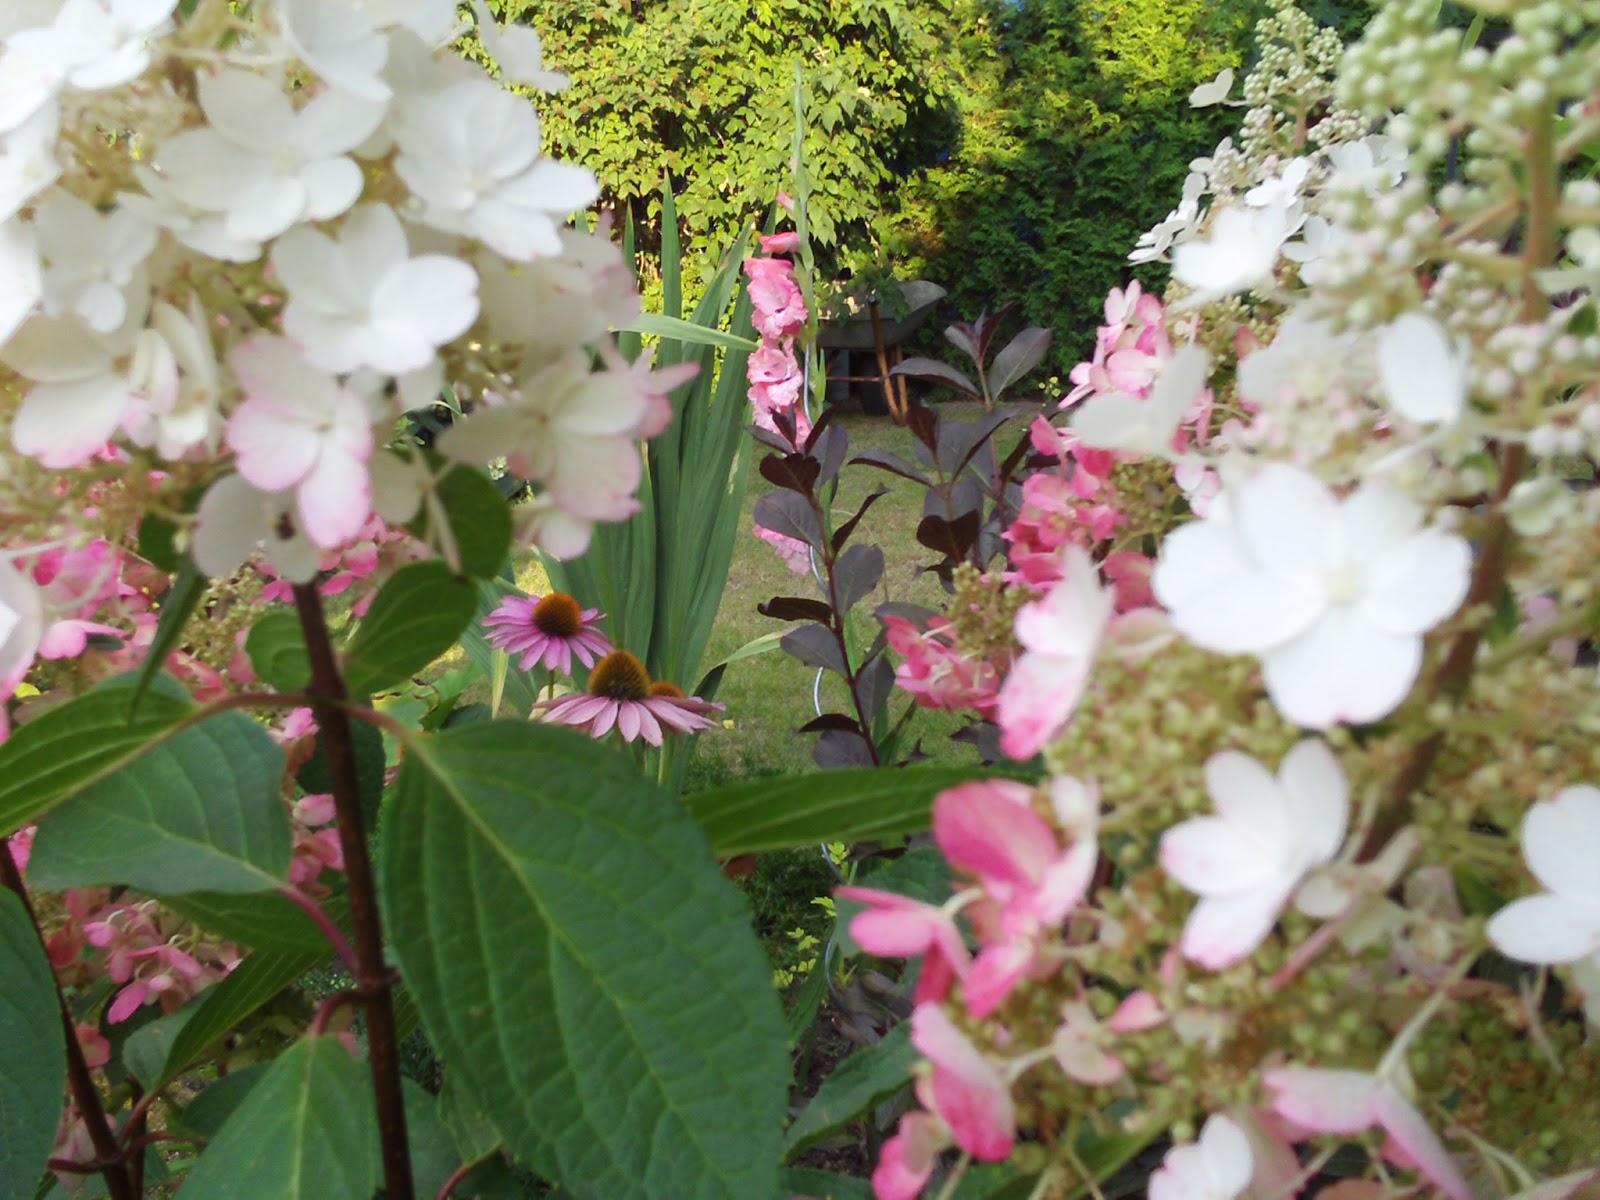 Gartenarbeit im herbst gartenelfe - Gartenarbeit im september ...